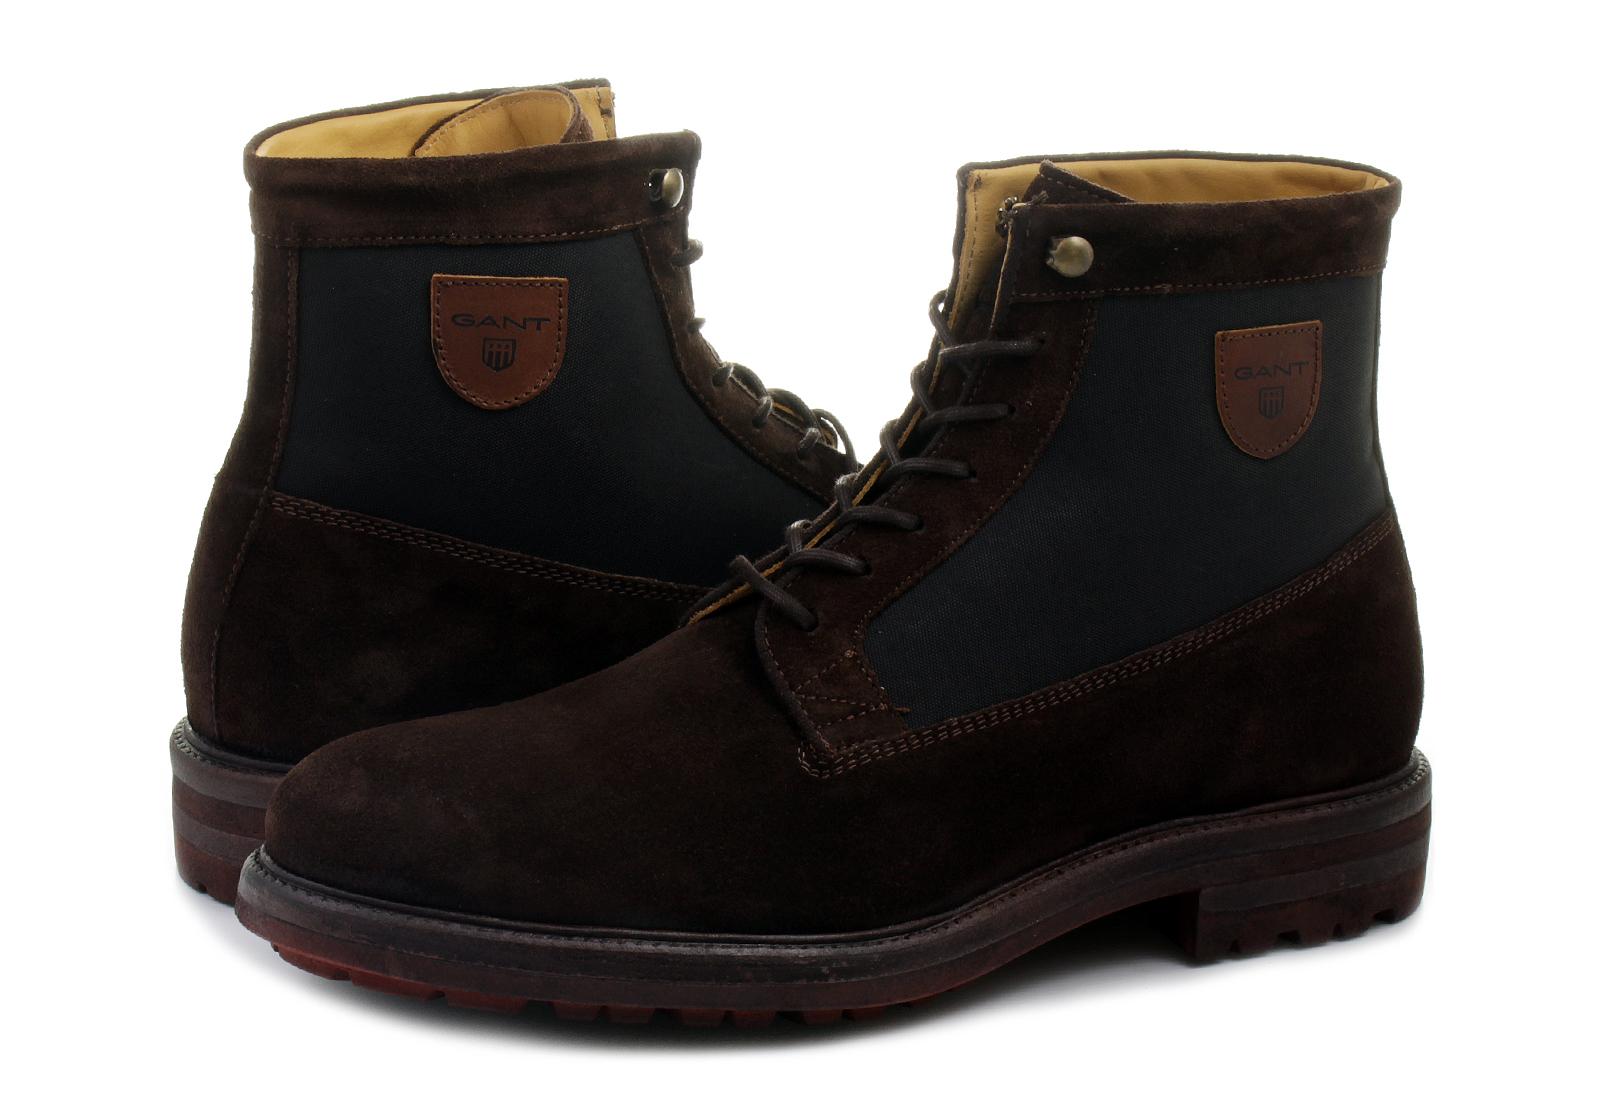 Gant Bakancs - Nobel - 15643111-G46 - Office Shoes Magyarország e61b2da573